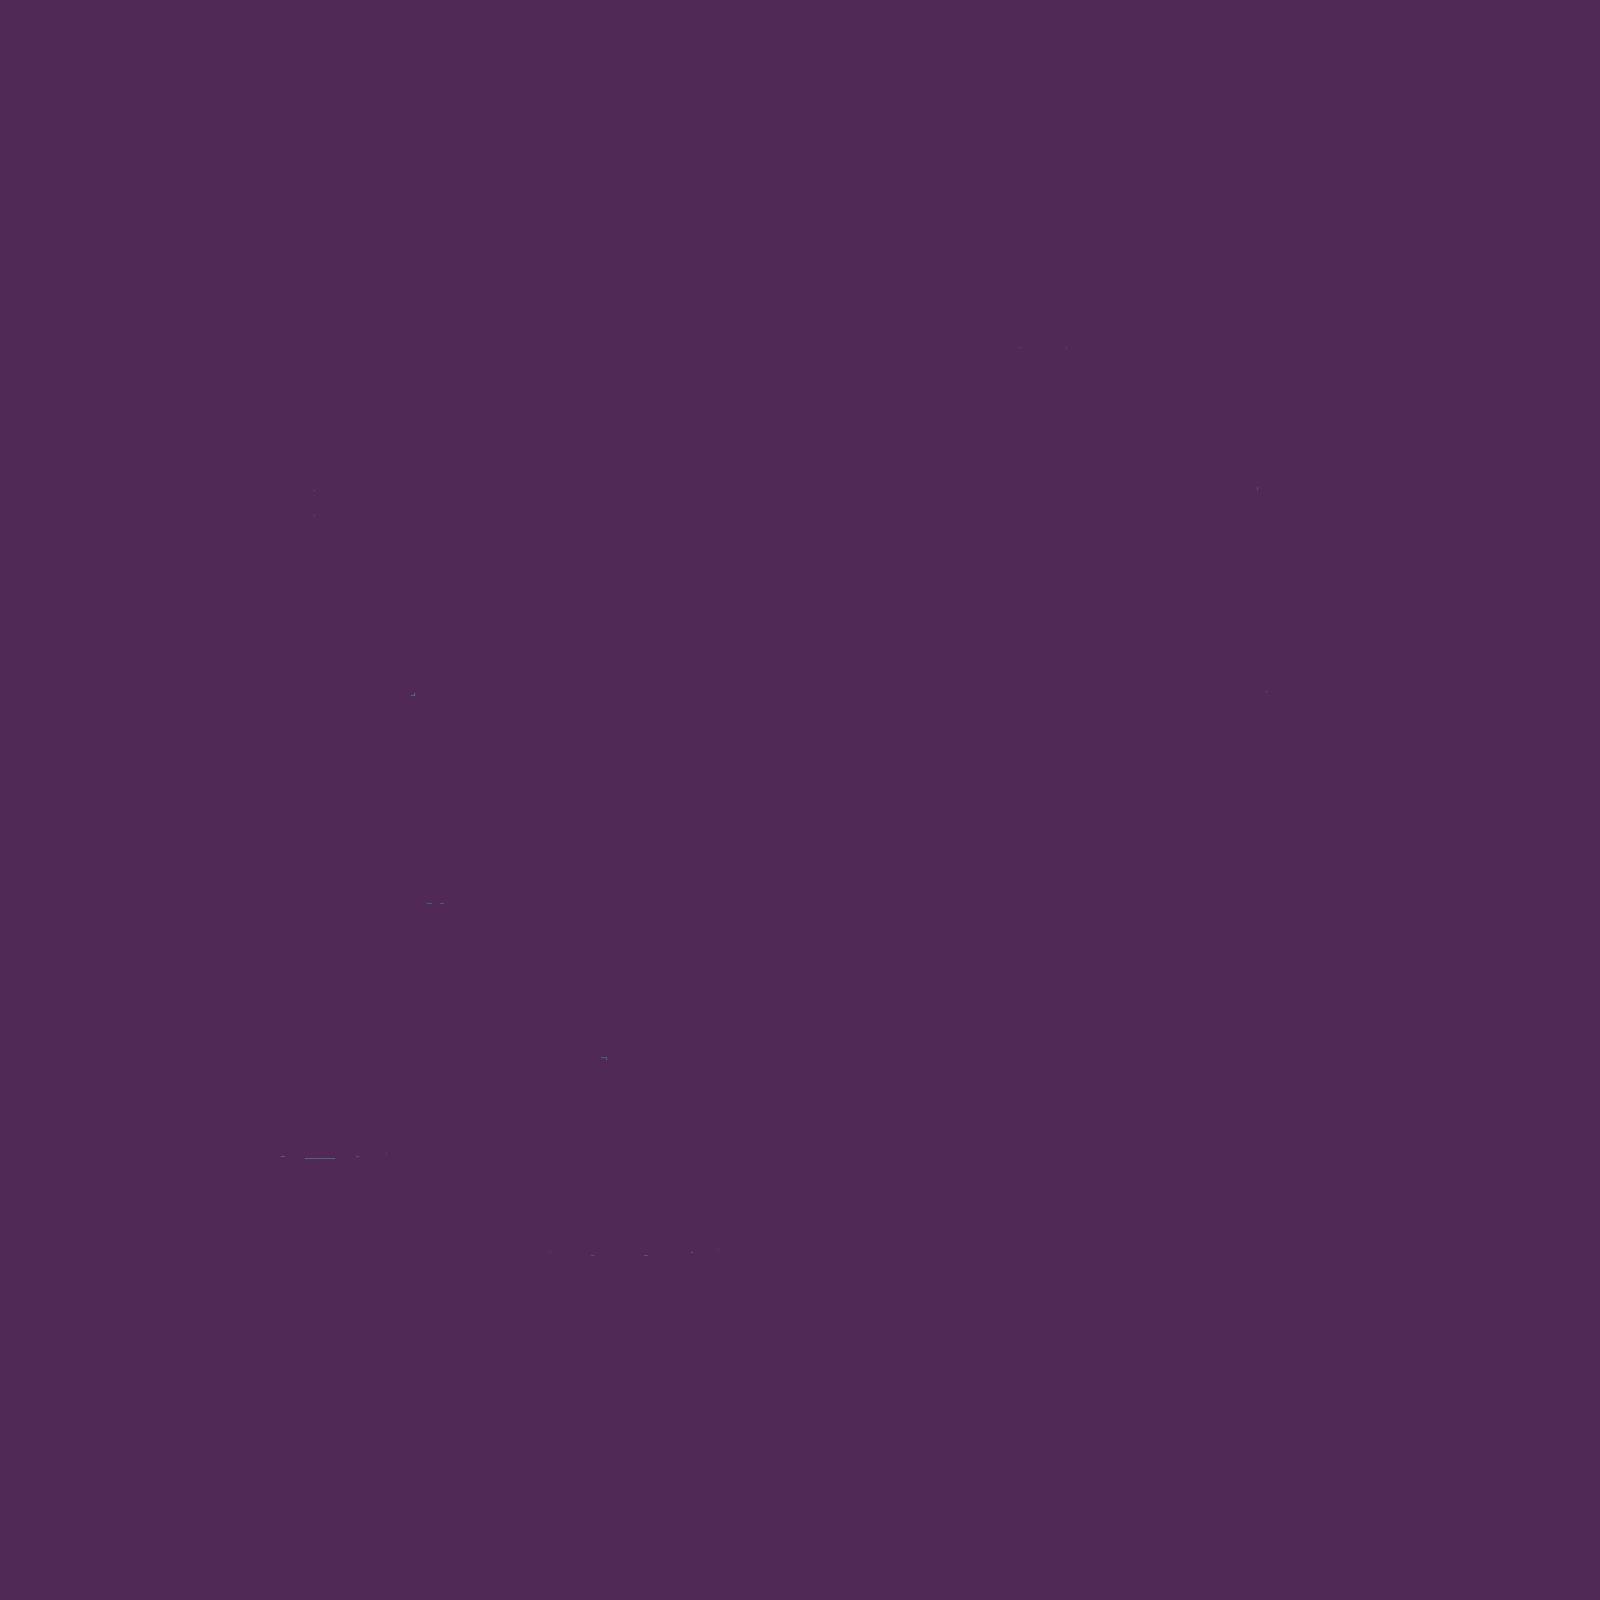 Twitter - Purple.png